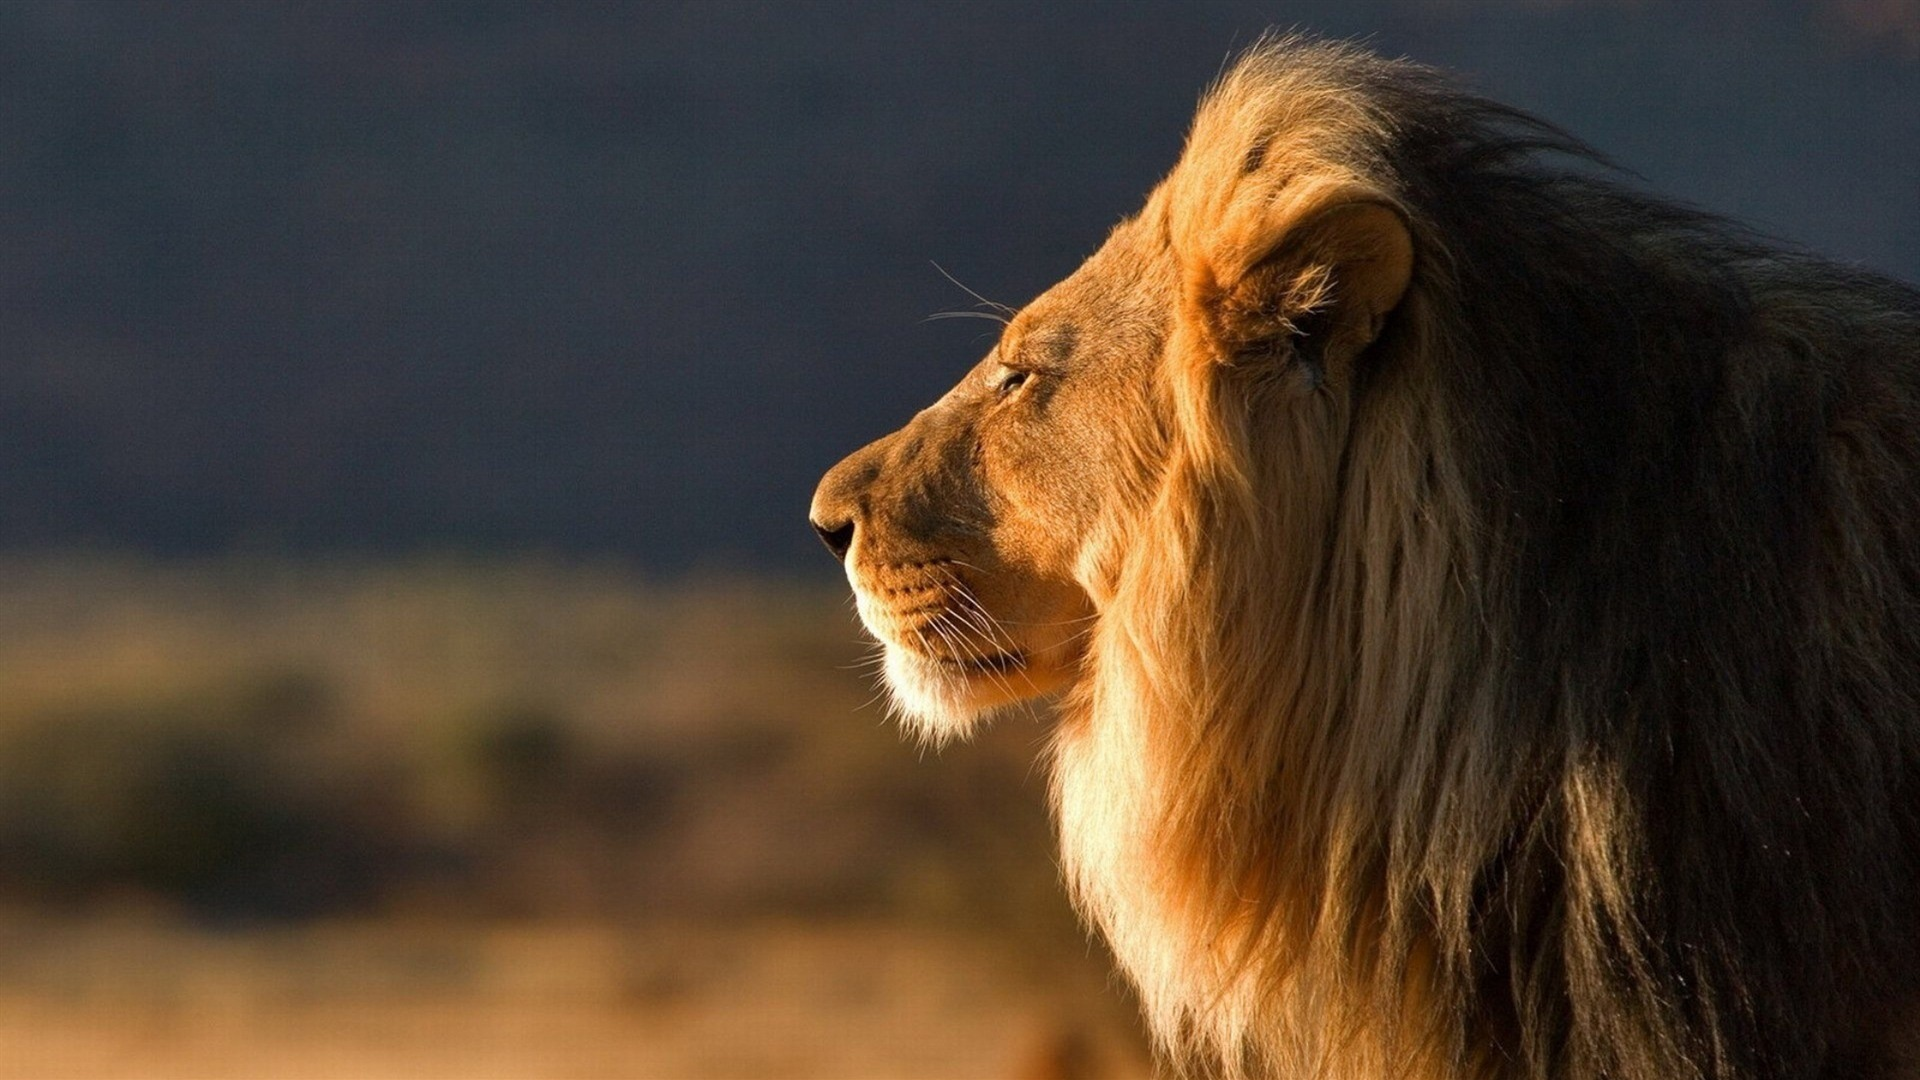 狮子特写-动物高清图片壁纸 - 1920x1080 壁纸 下载